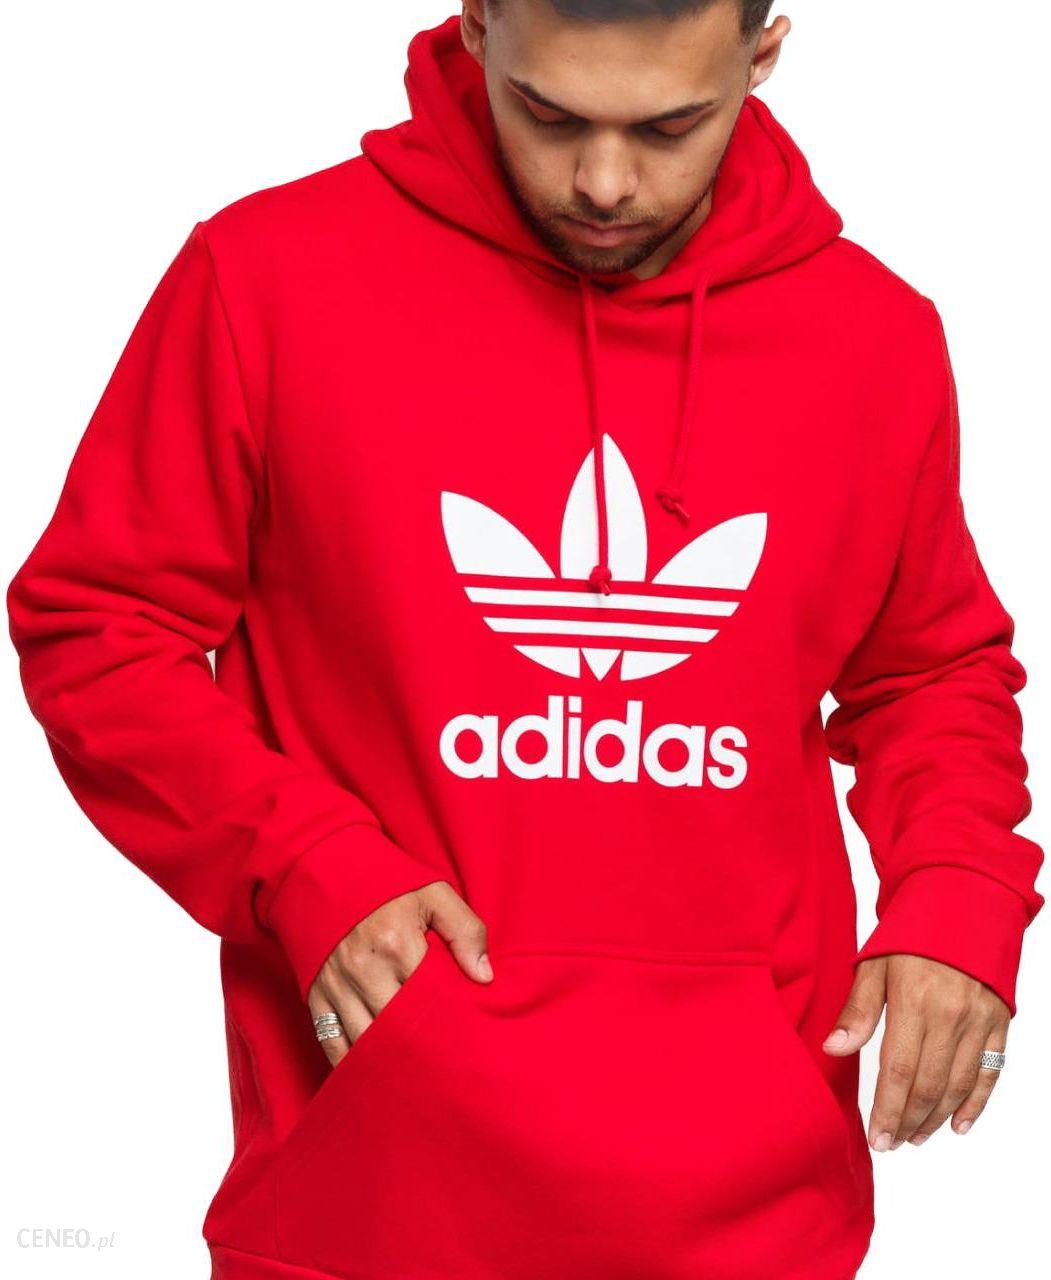 najlepiej sprzedający się piękno przybywa Bluza Męska Adidas Originals Trefoil EJ9680 r.M - Ceny i opinie - Ceneo.pl